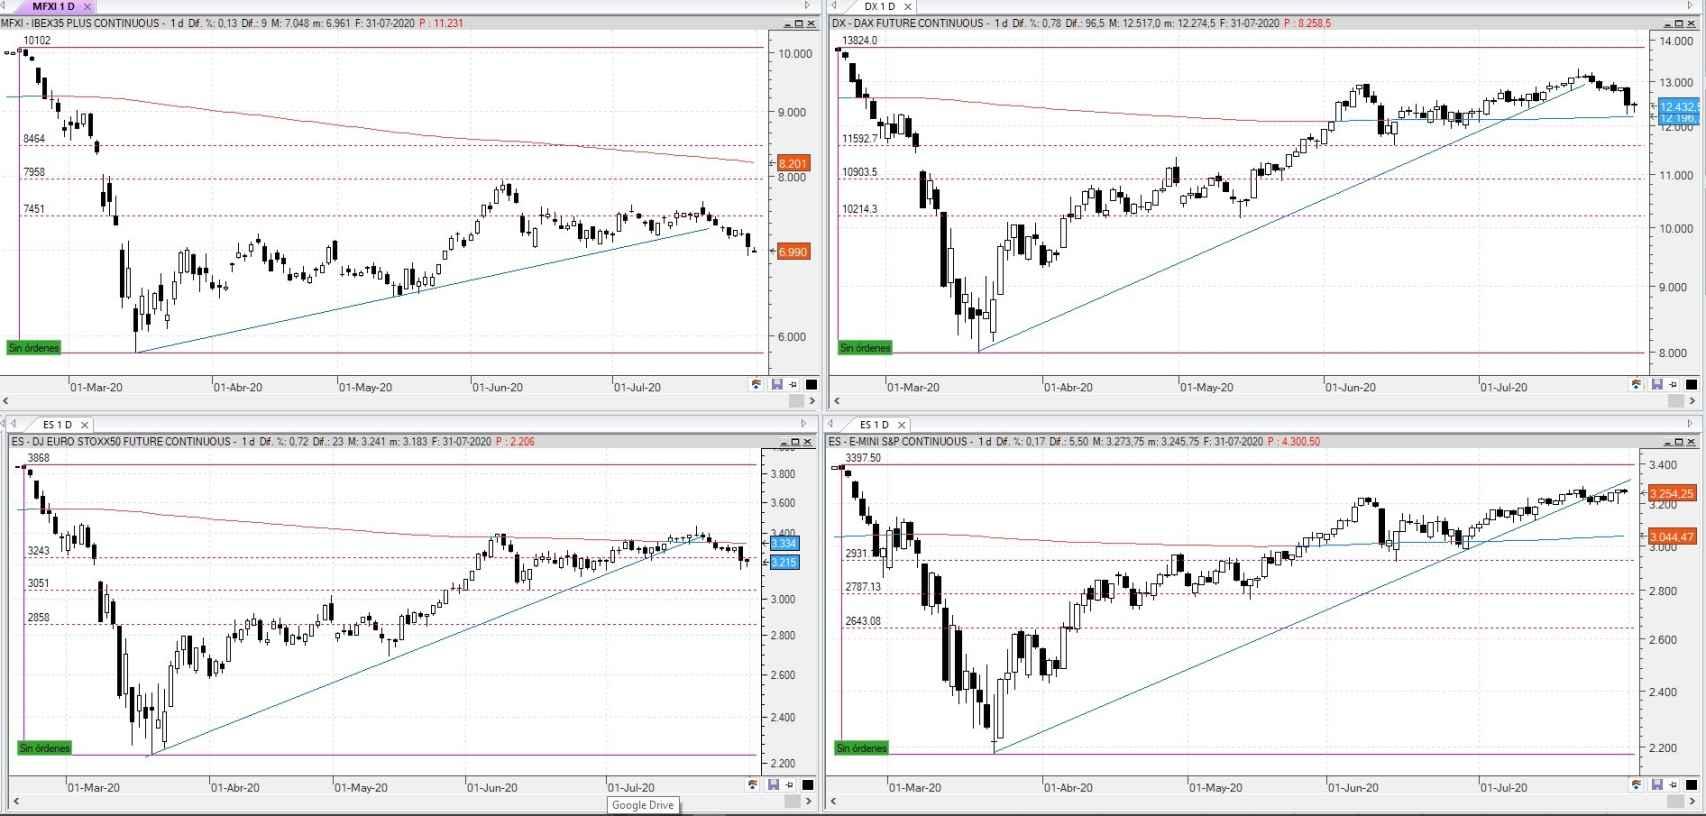 Comportamiento del Ibex, Dax, Euro Stoxx y S&P